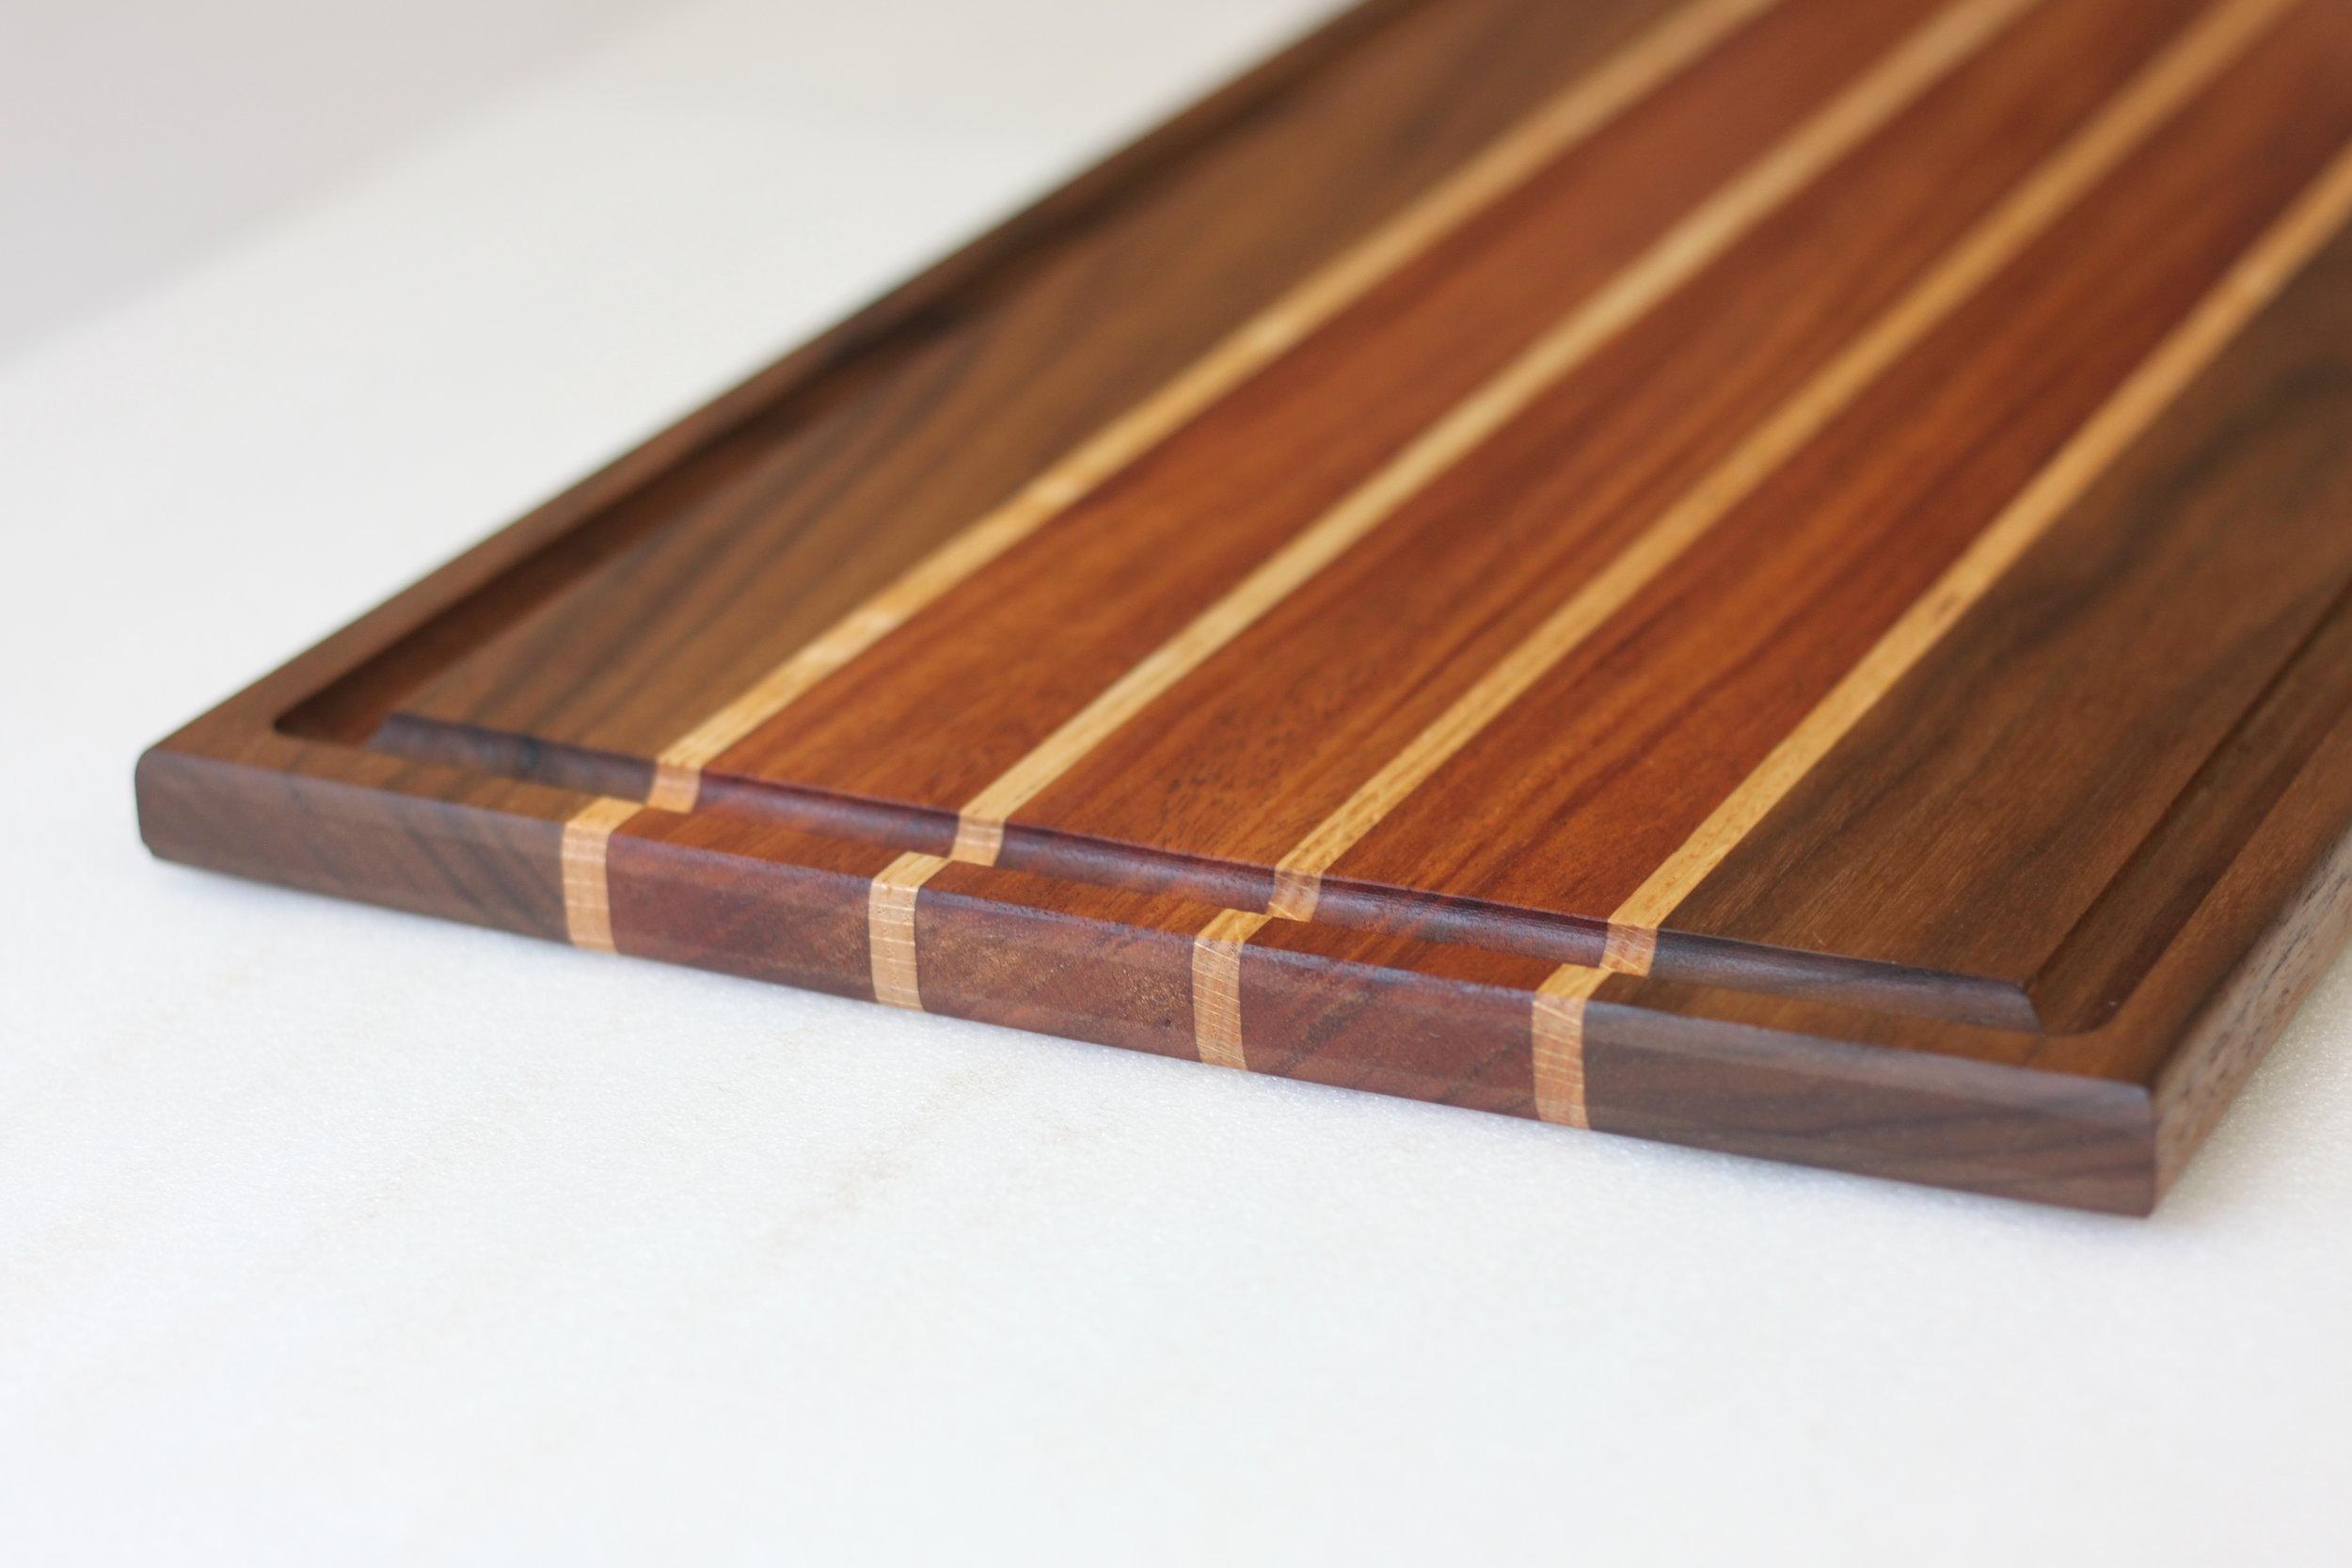 Walnut & Mahogany Cutting Board